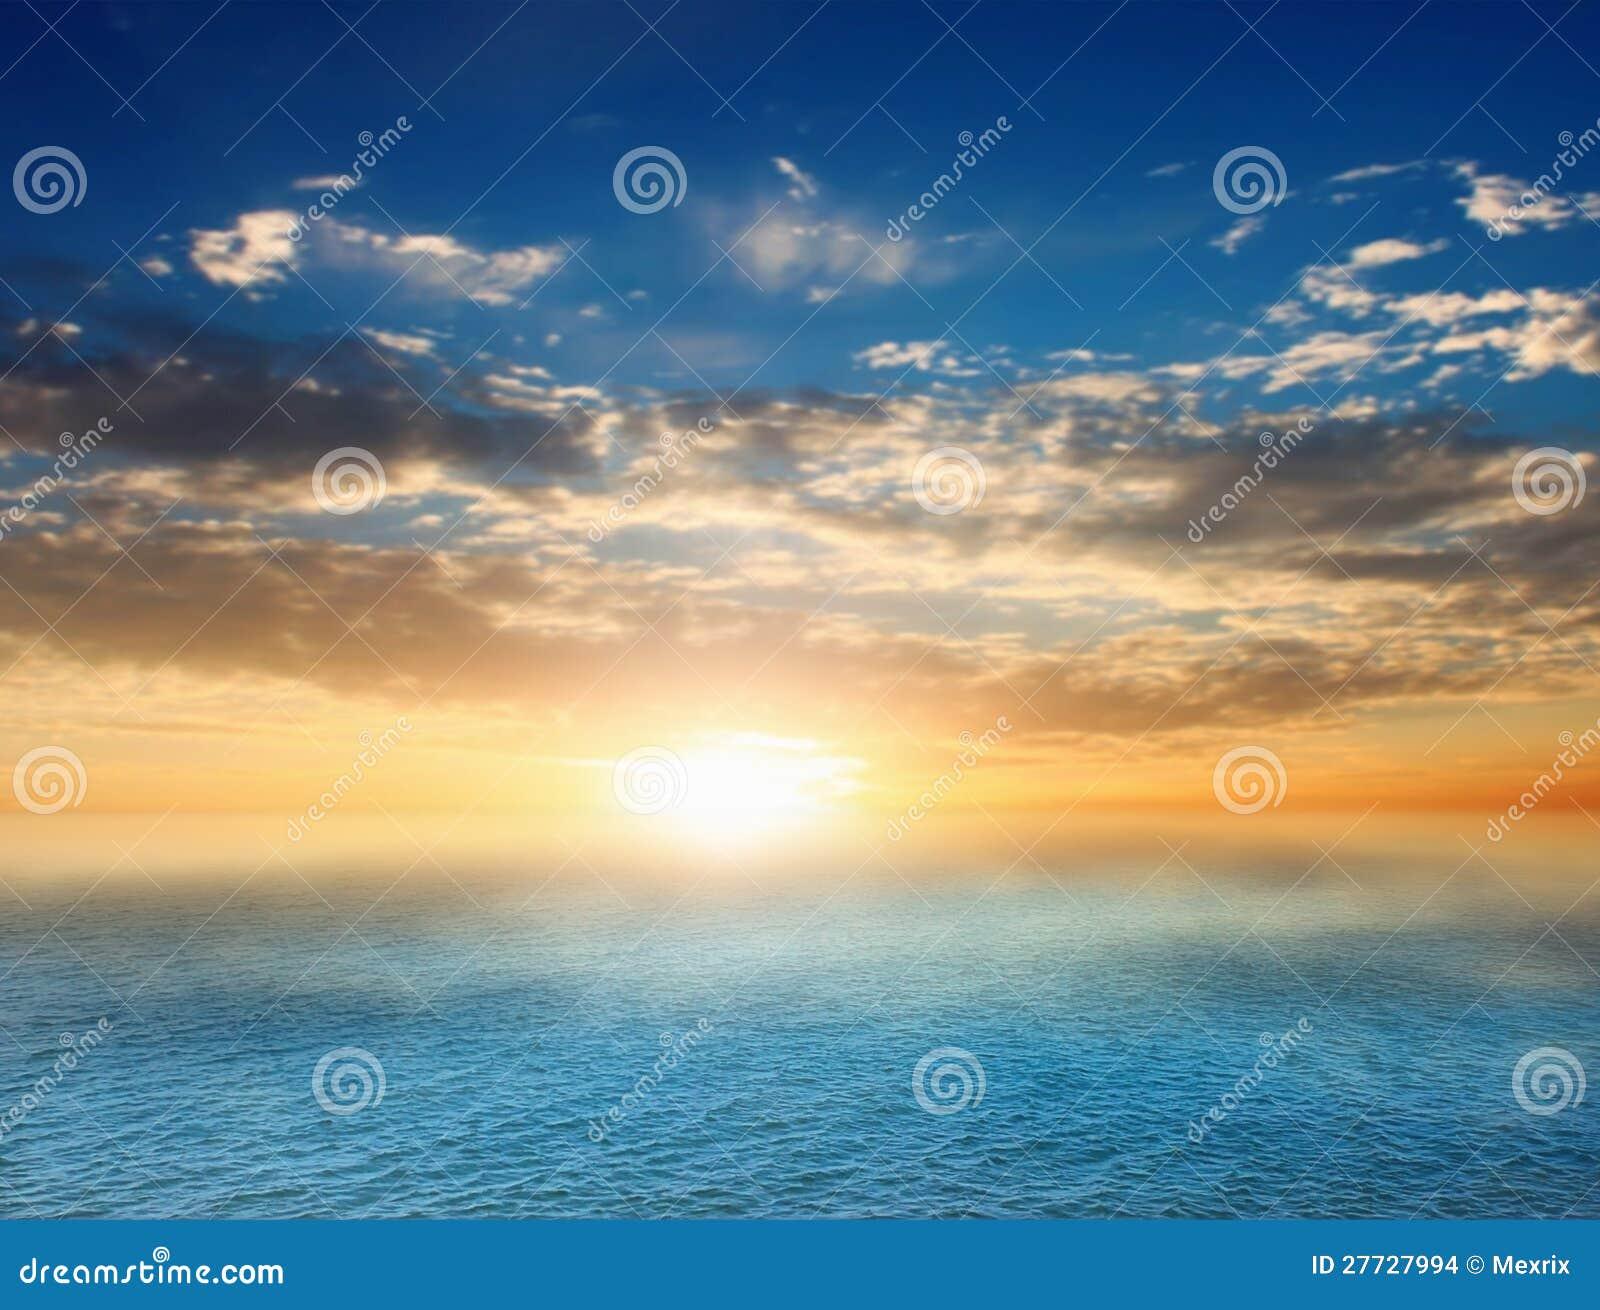 Sunsen in sea